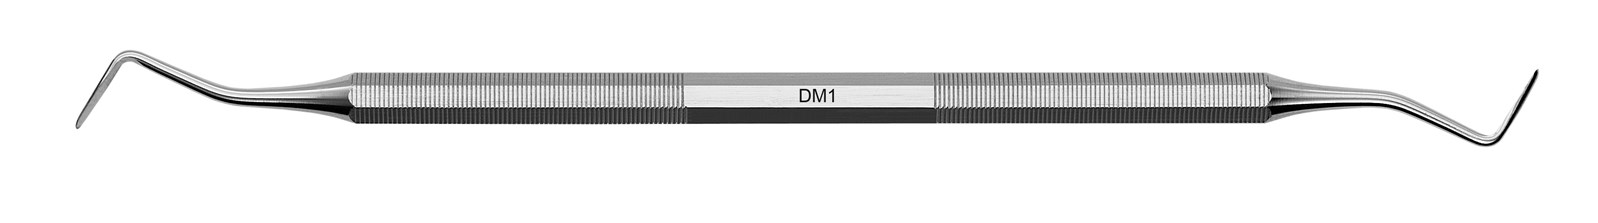 Lžičkové dlátko - DM1, ADEP fialový